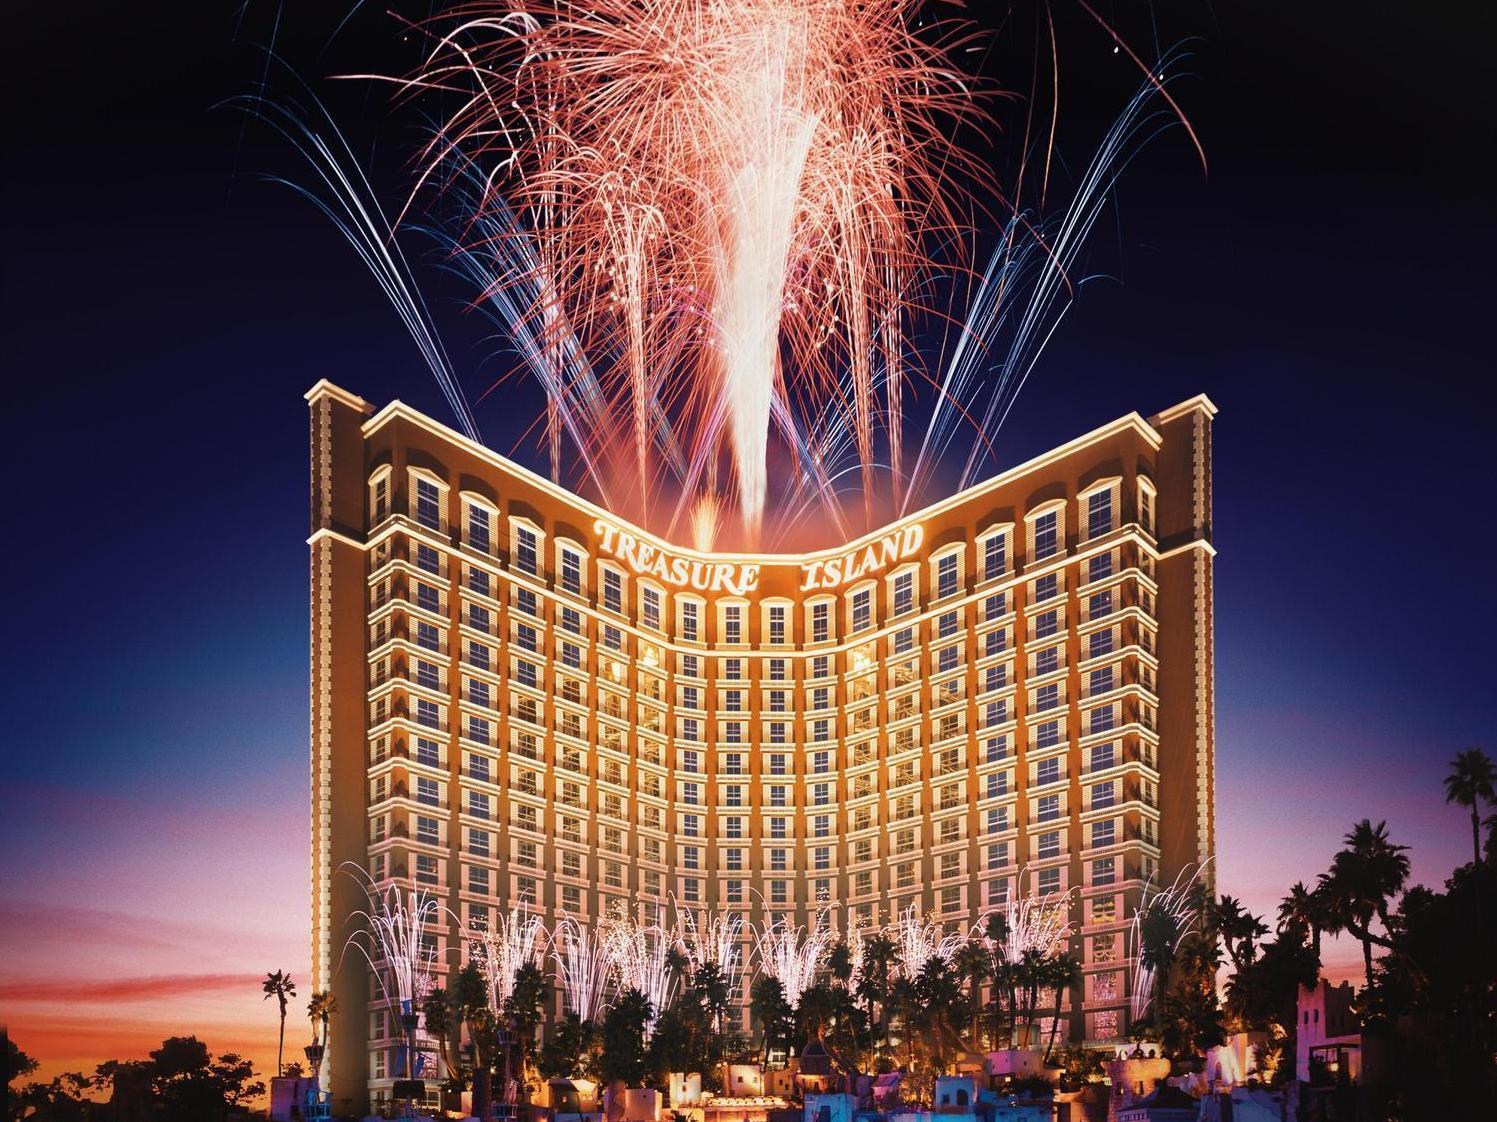 Treasure island casino pictures lasvegas de casino de banni?re